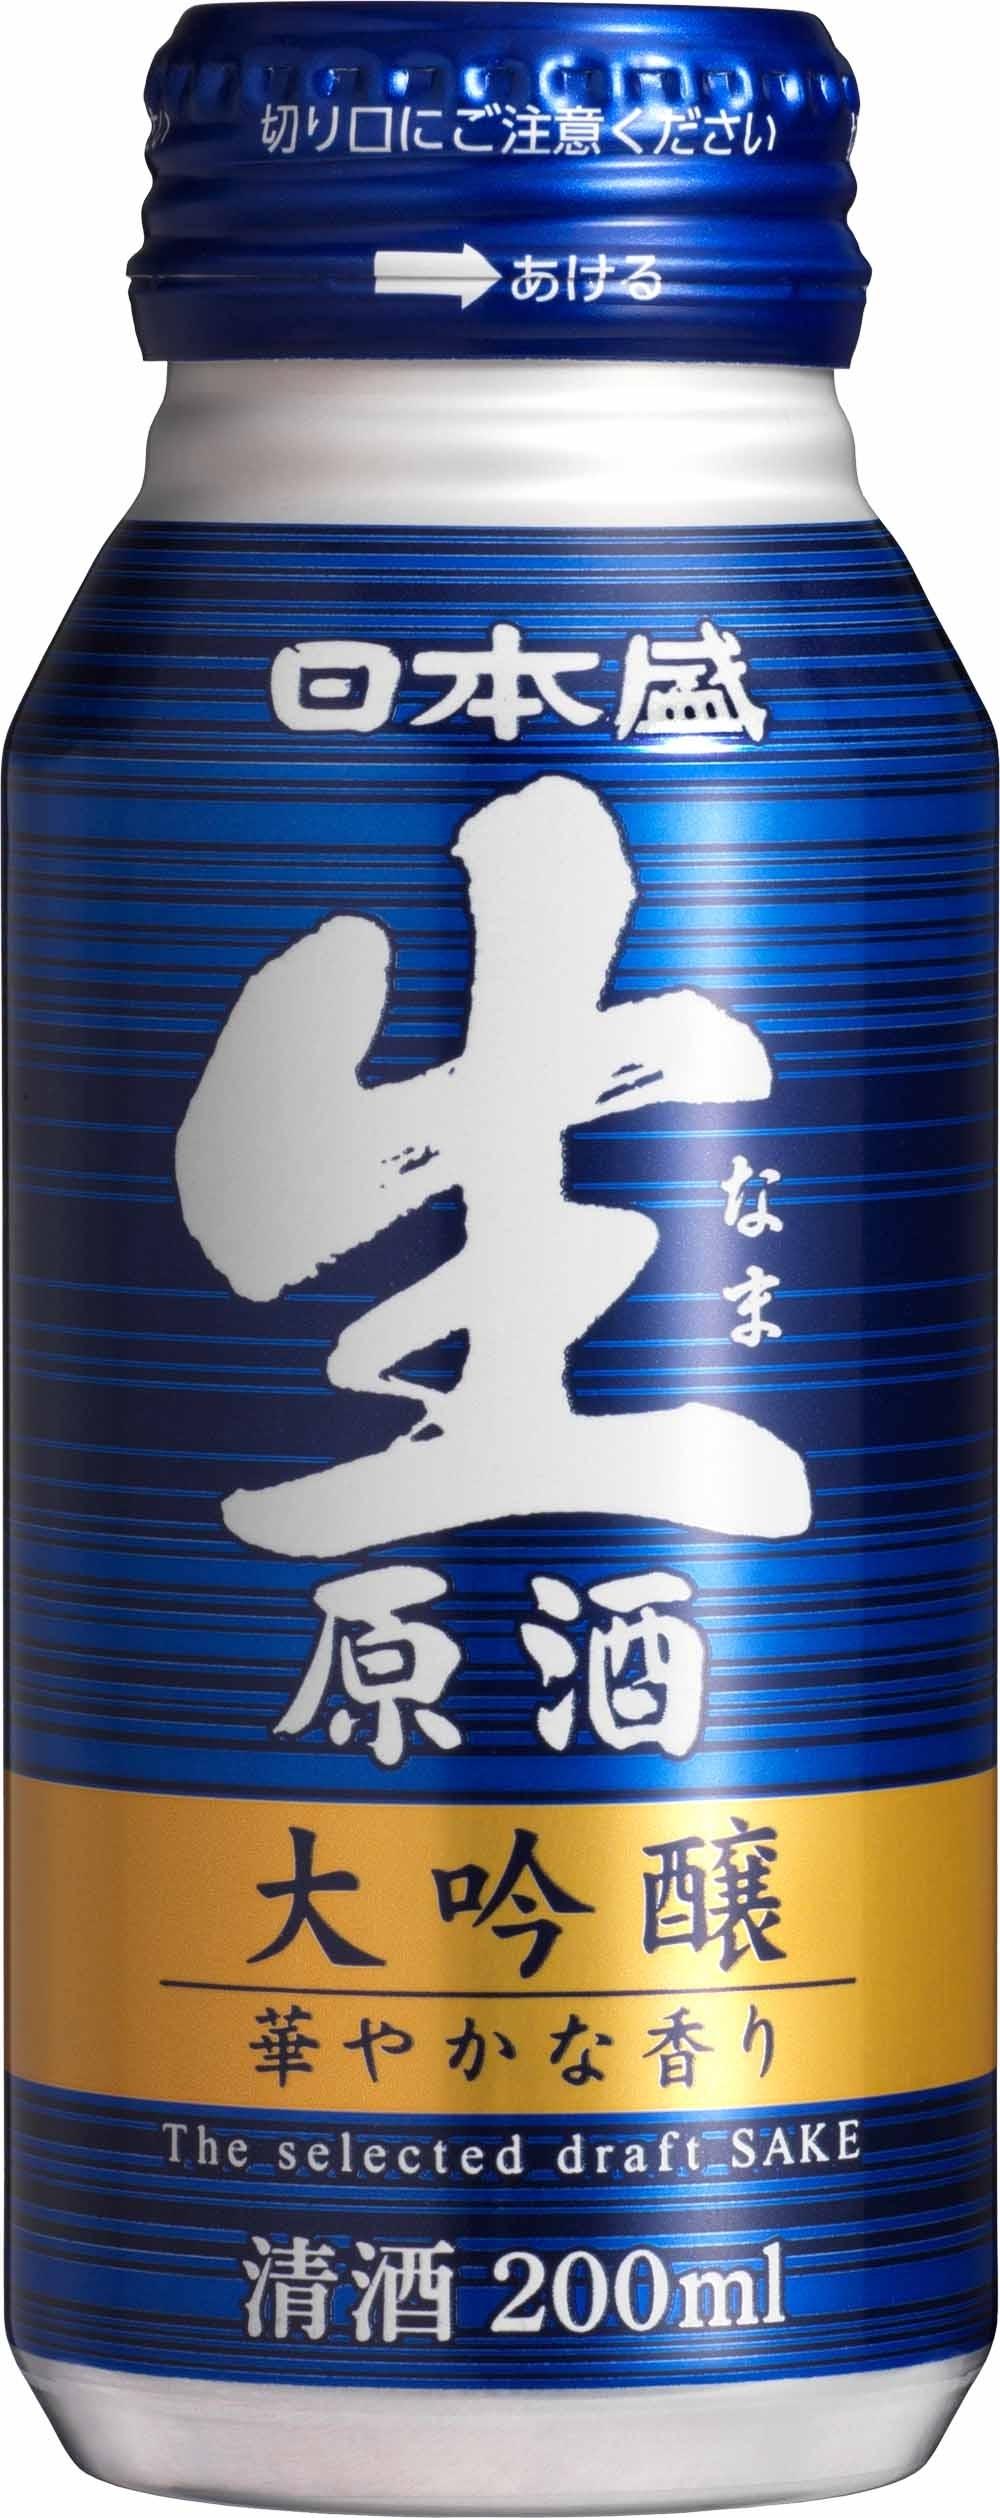 業界初!ボトル缶入り生原酒を新...